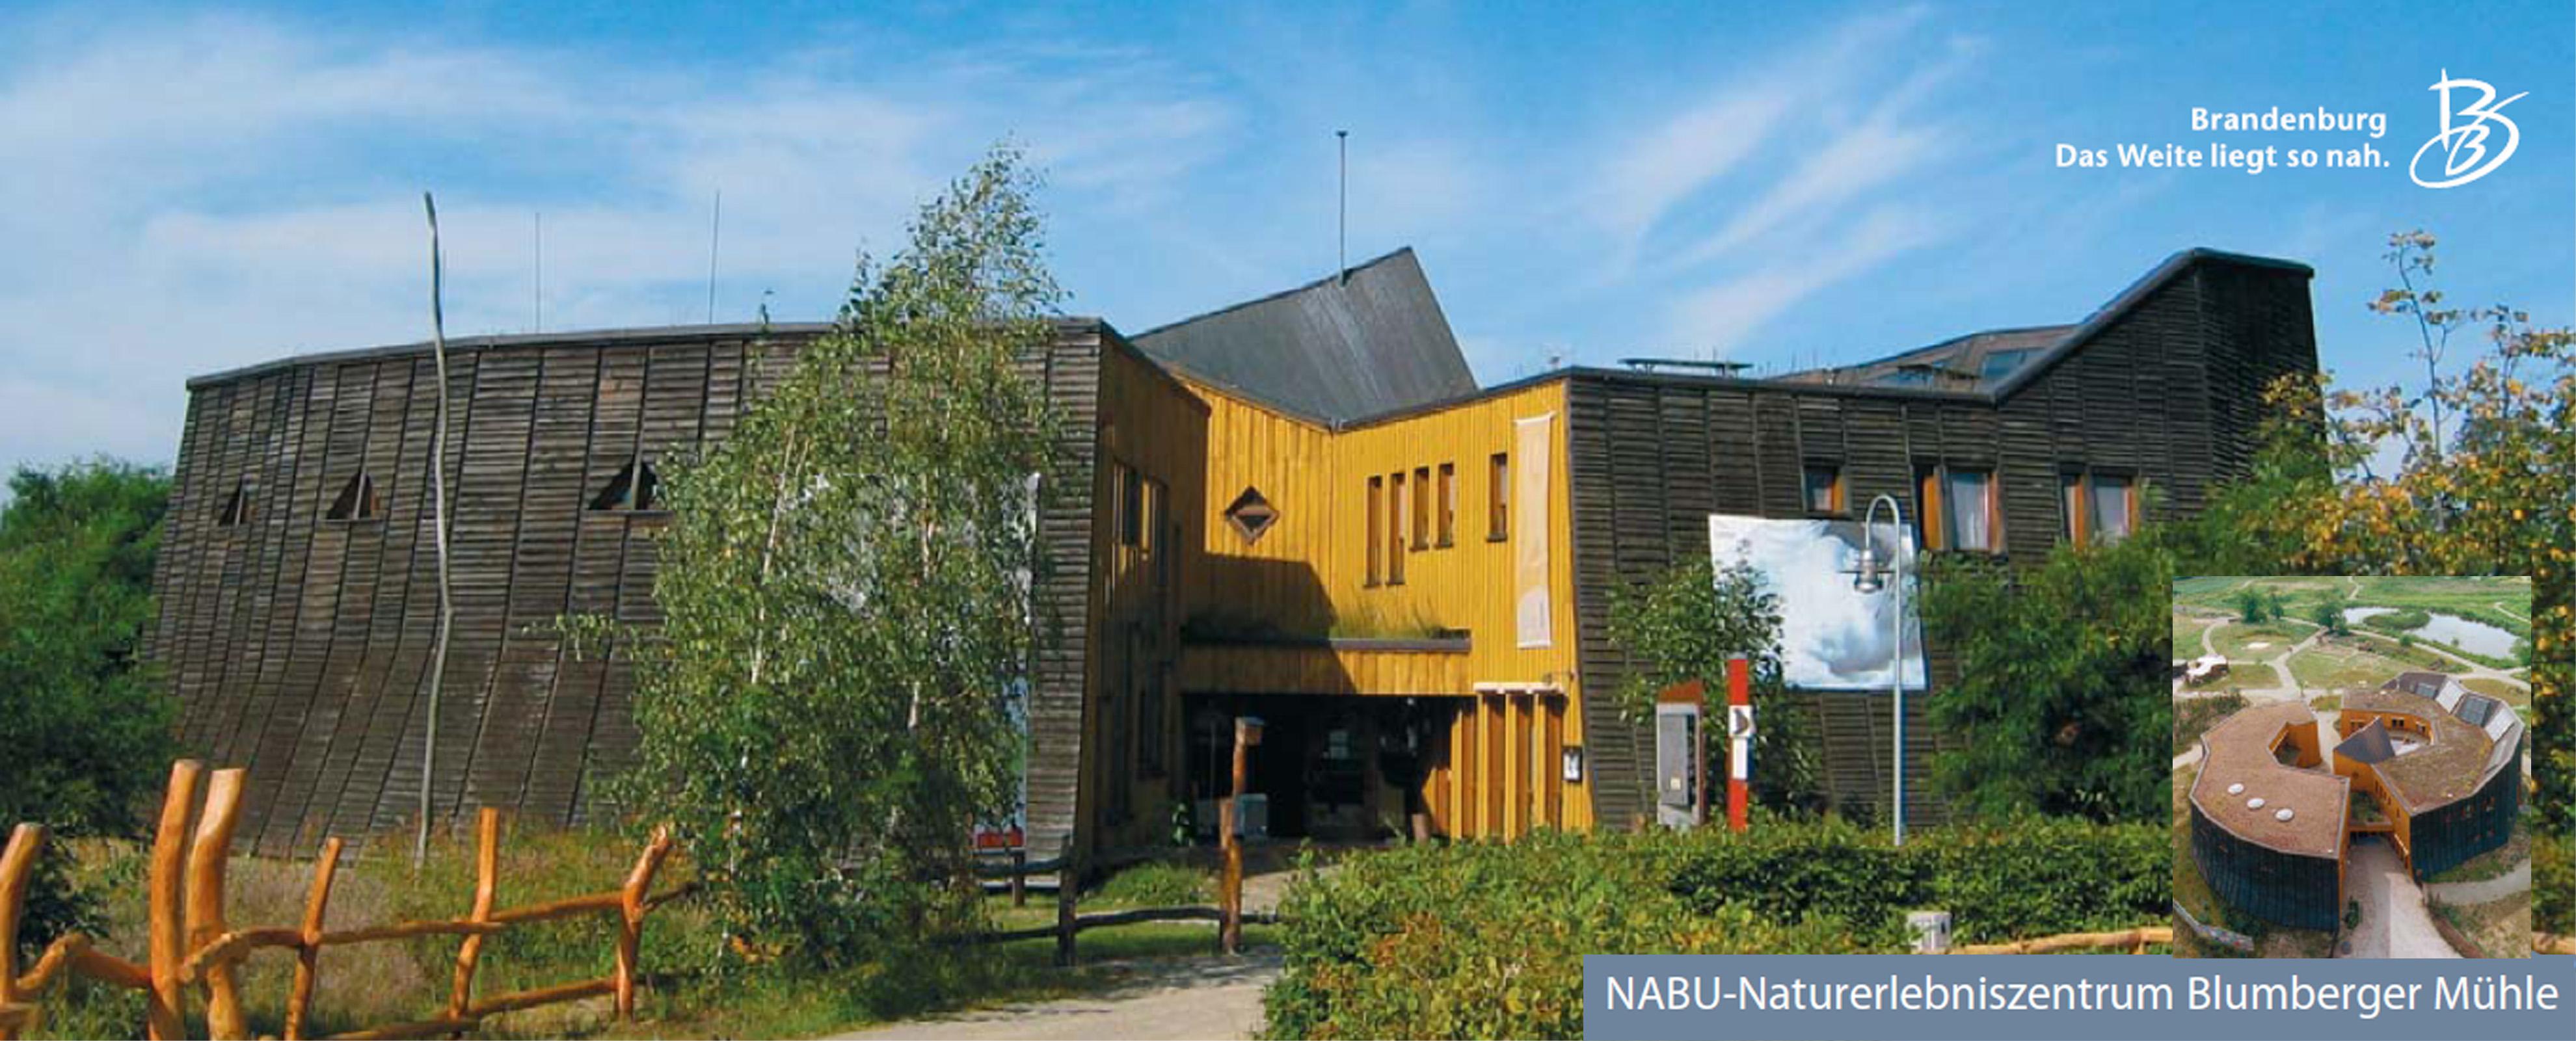 Die Blumberger Mühle